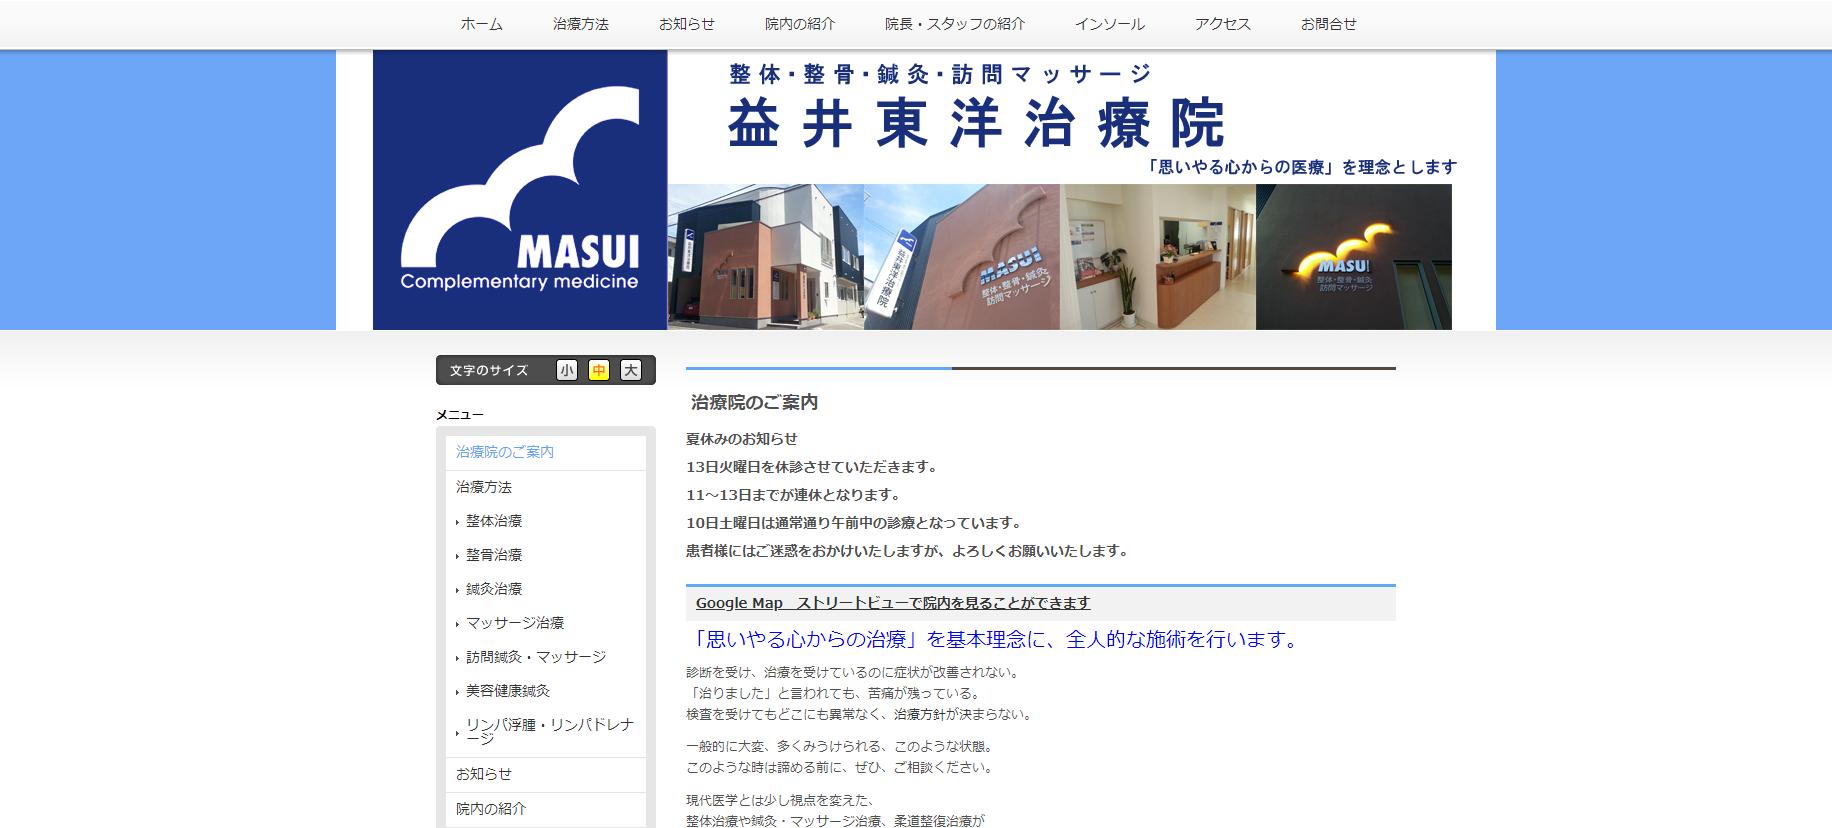 益井東洋治療院のサムネイル